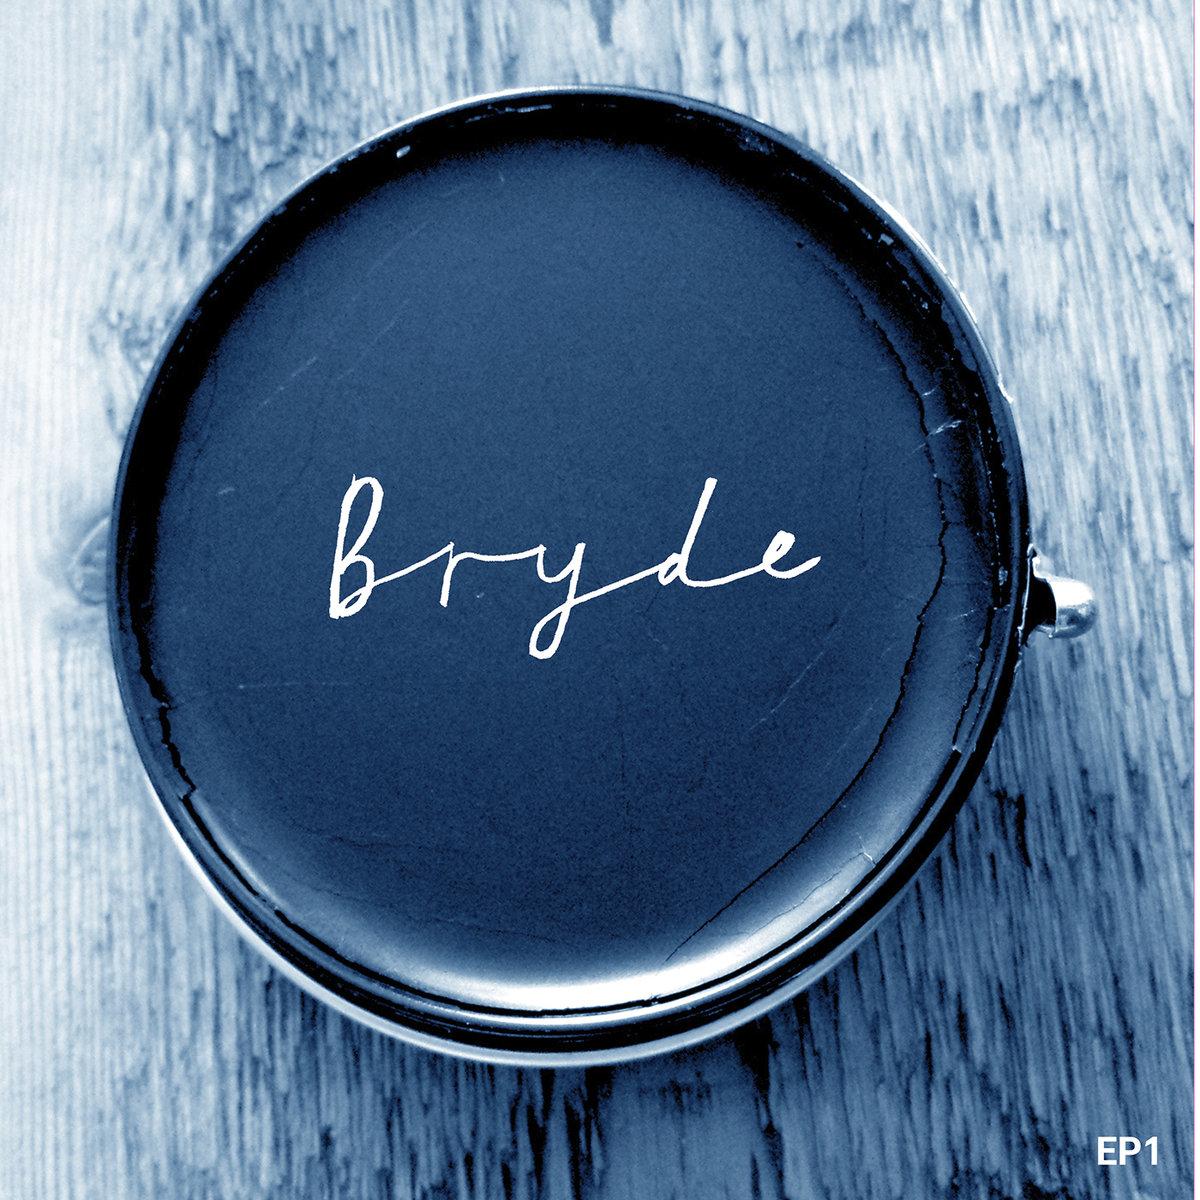 Bryde - EP1